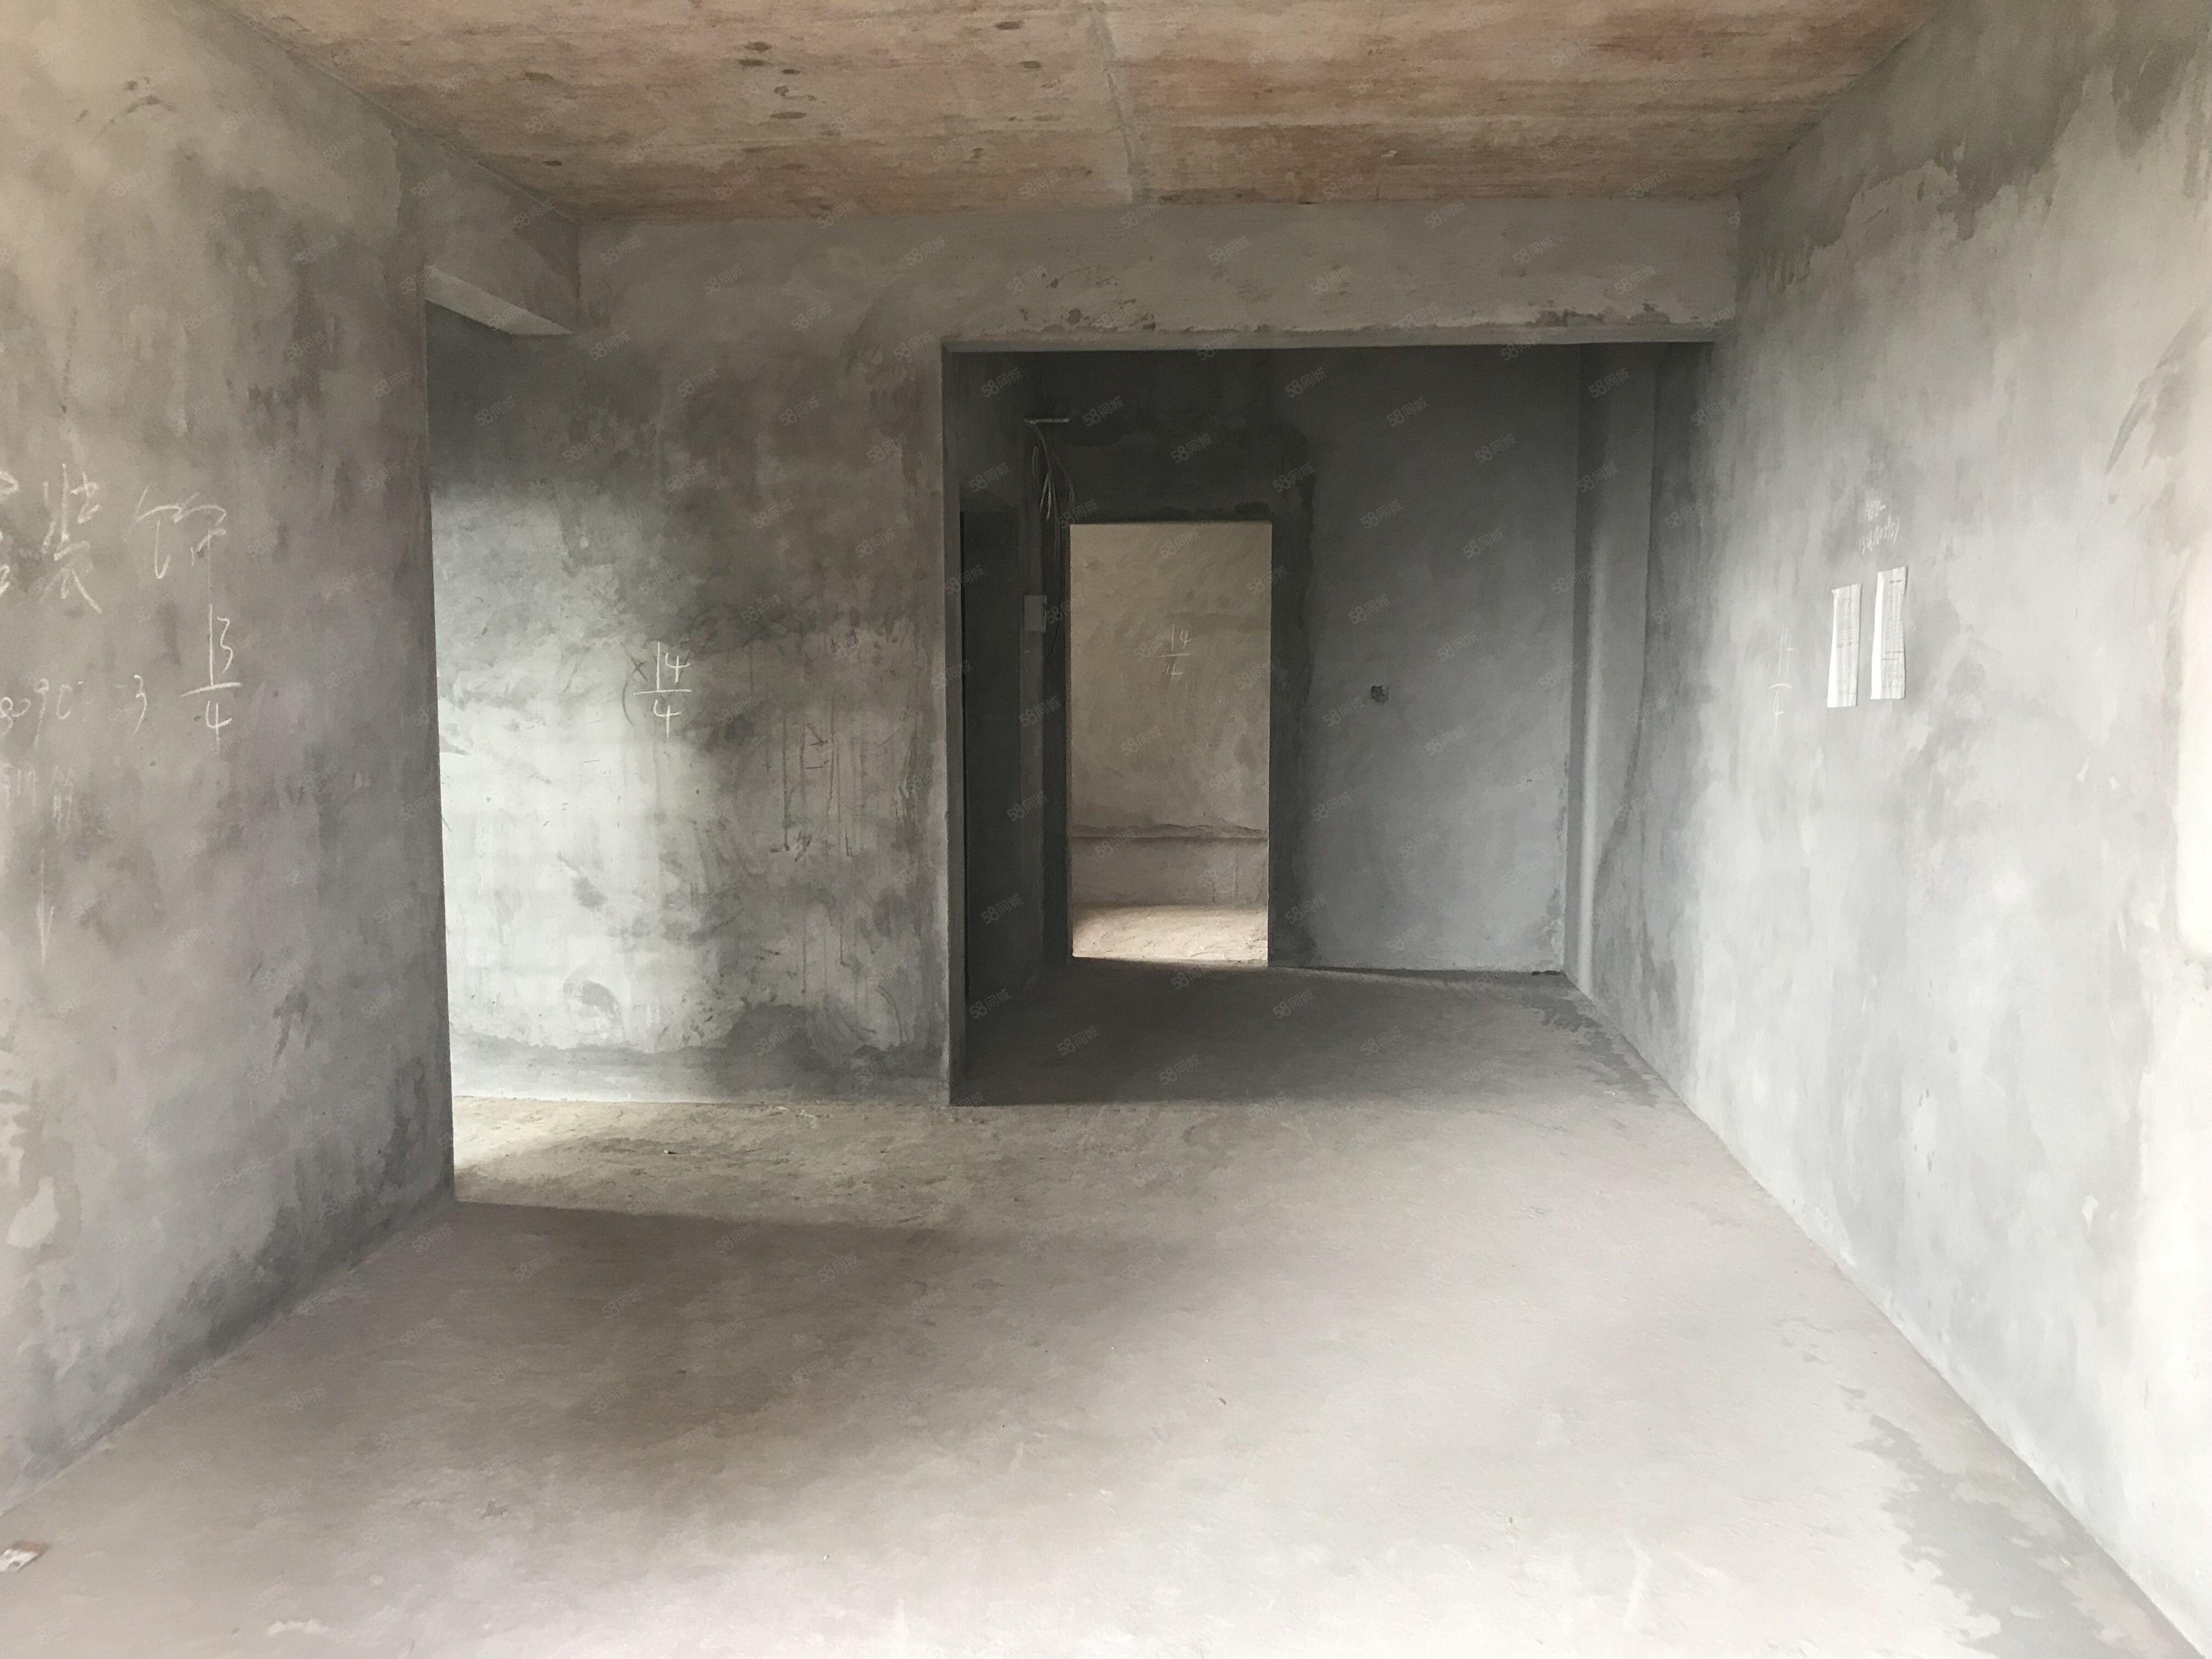 城西电梯房两室两厅清水房送入户花园户型超正